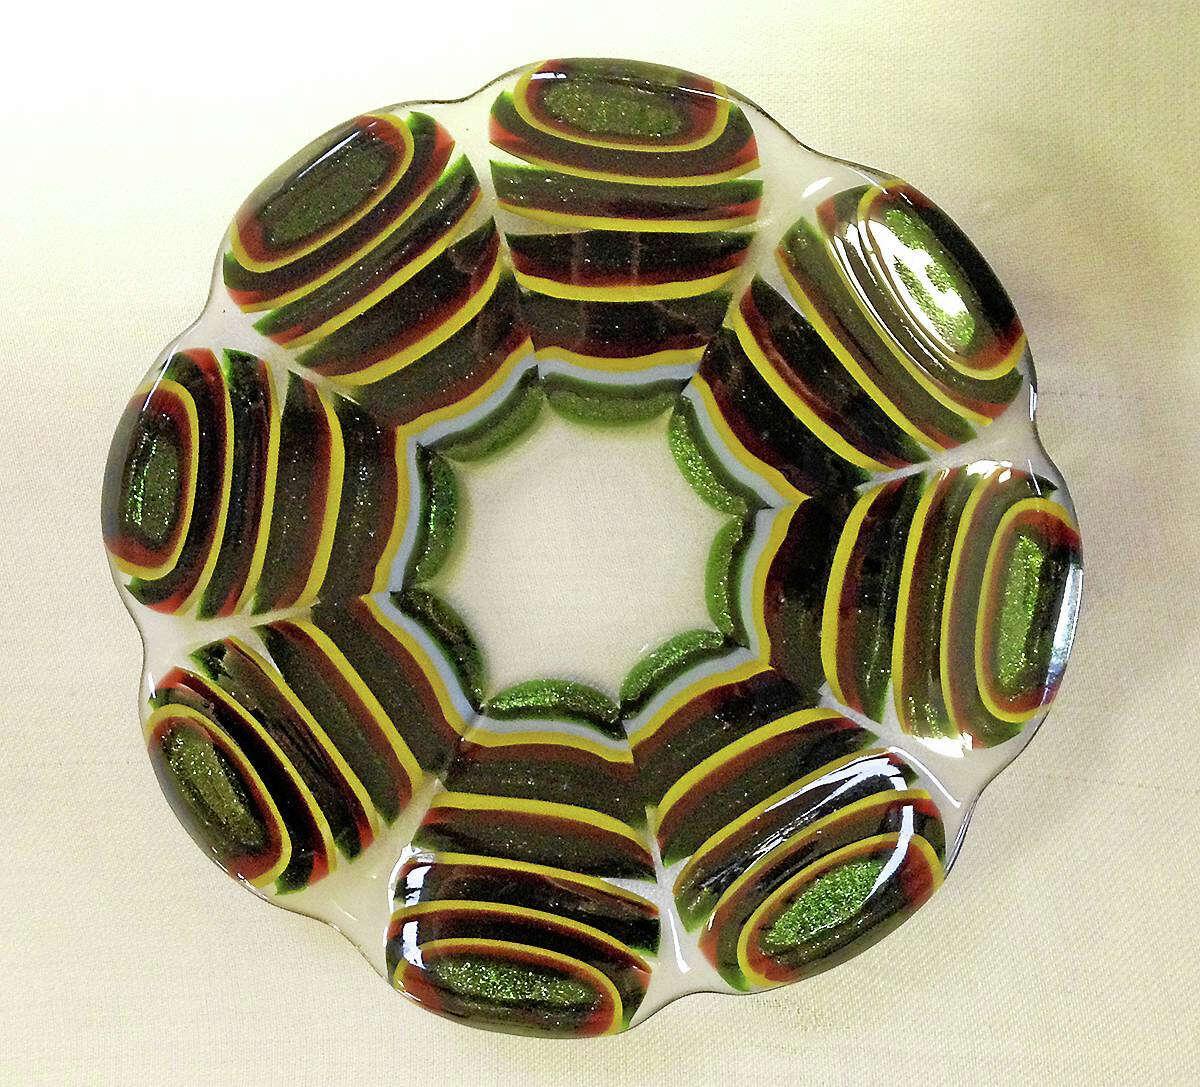 Contributed photo A unique, decorative glass plate.